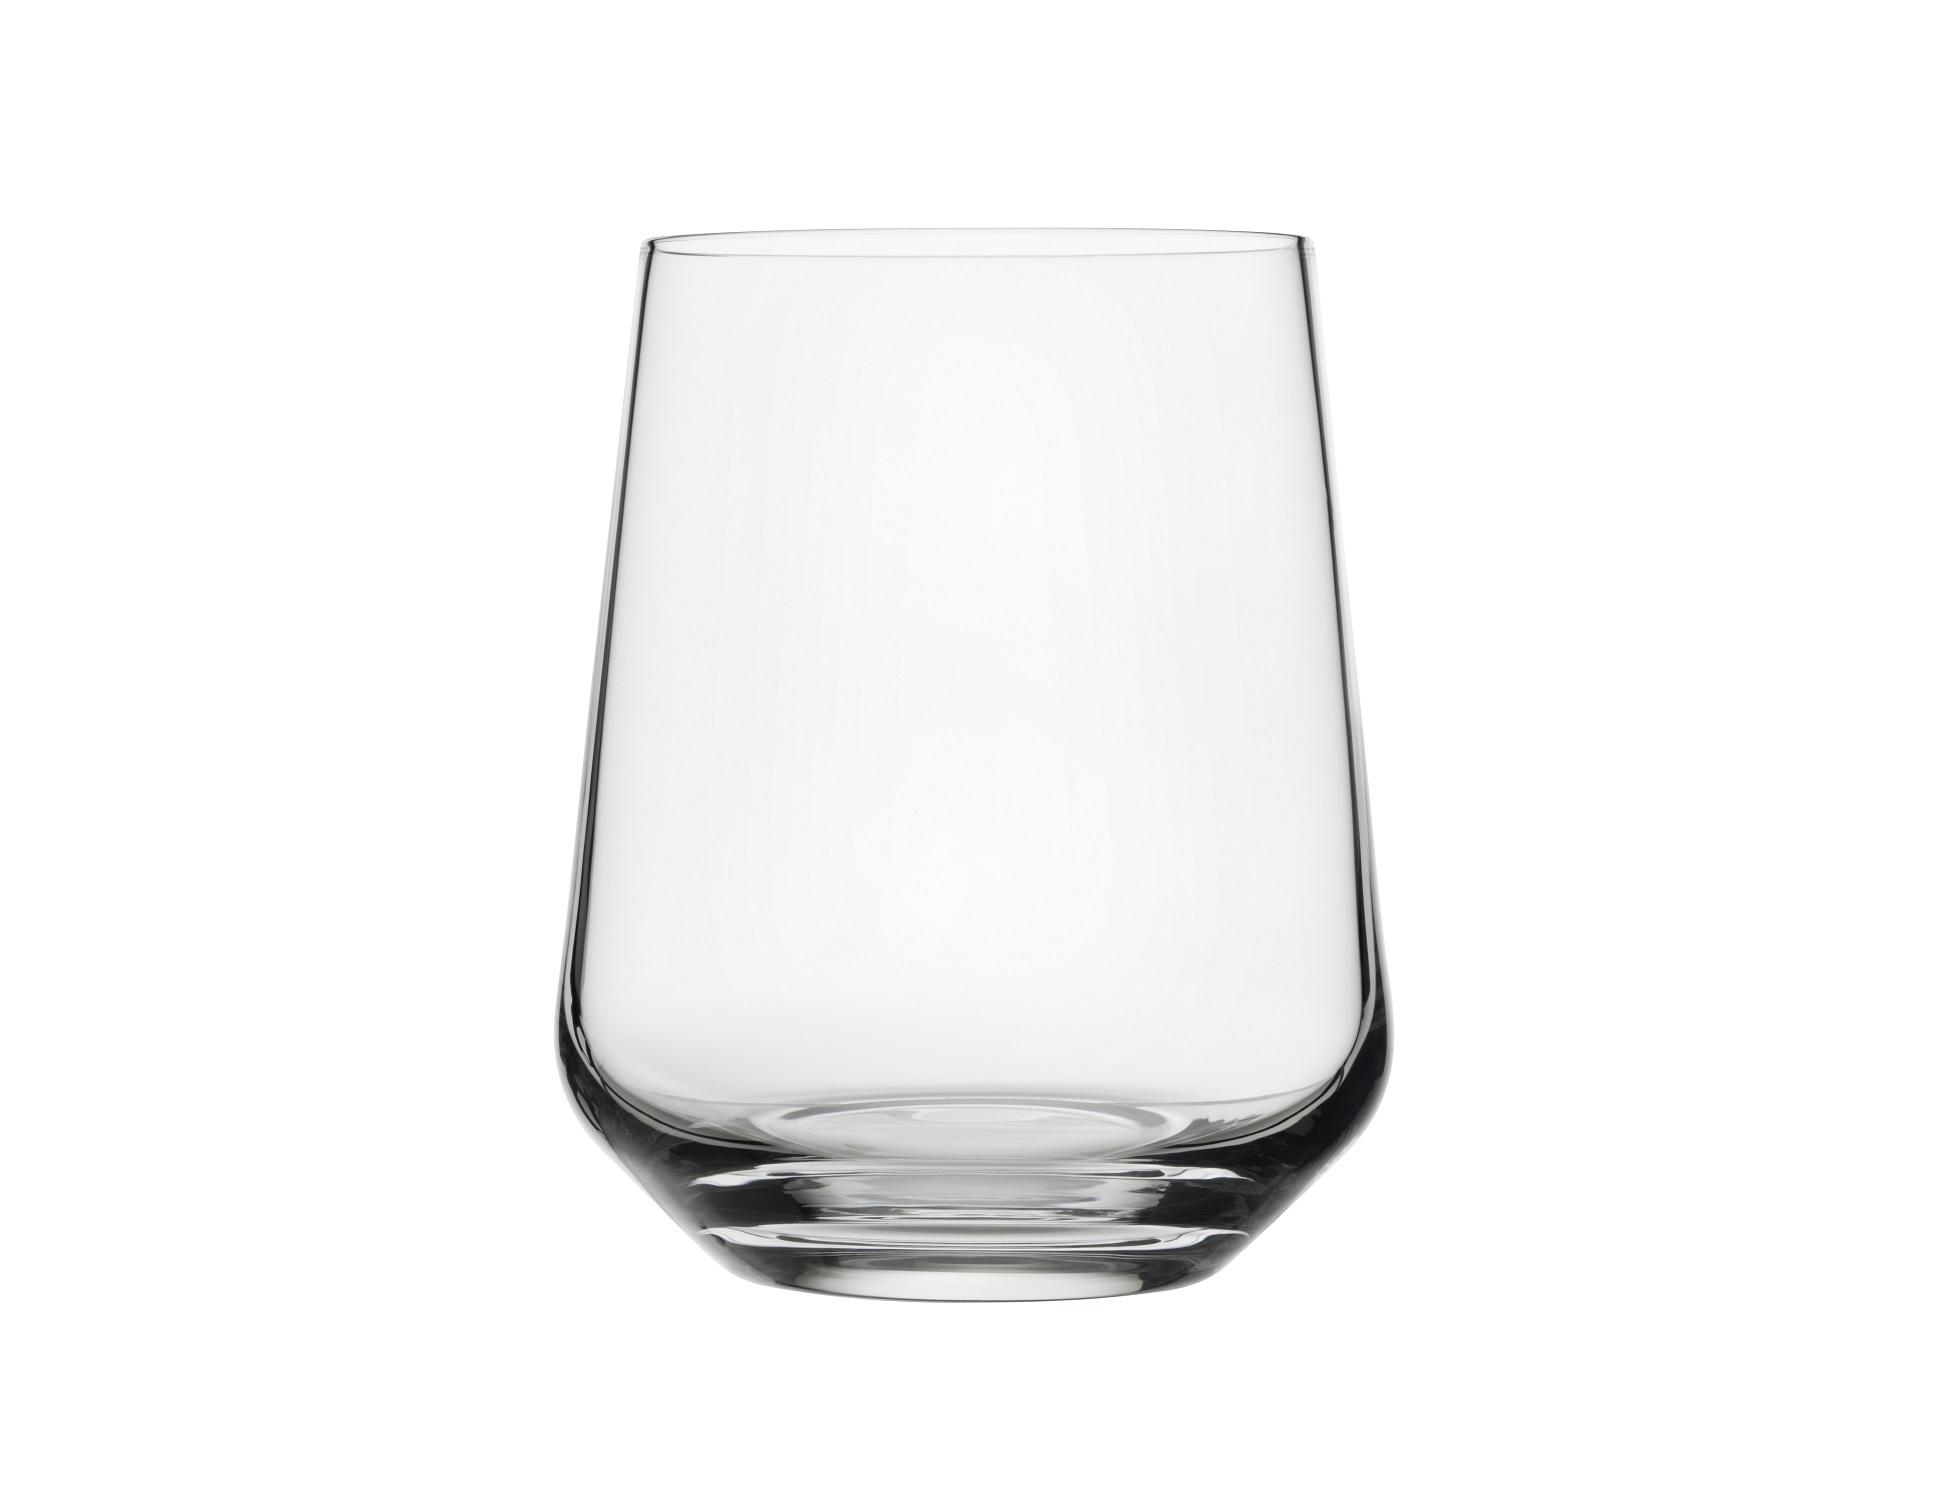 Стакан Essence (2 шт)Стаканы<br>Серия Essence - это серия бокалов для всех видов алкоголя. Вместе они создают прекрасный вид на обеденном столе. Из бокалов данной серии невероятно приятно пить!<br><br>Material: Стекло<br>Ширина см: 8<br>Высота см: 10<br>Глубина см: 17